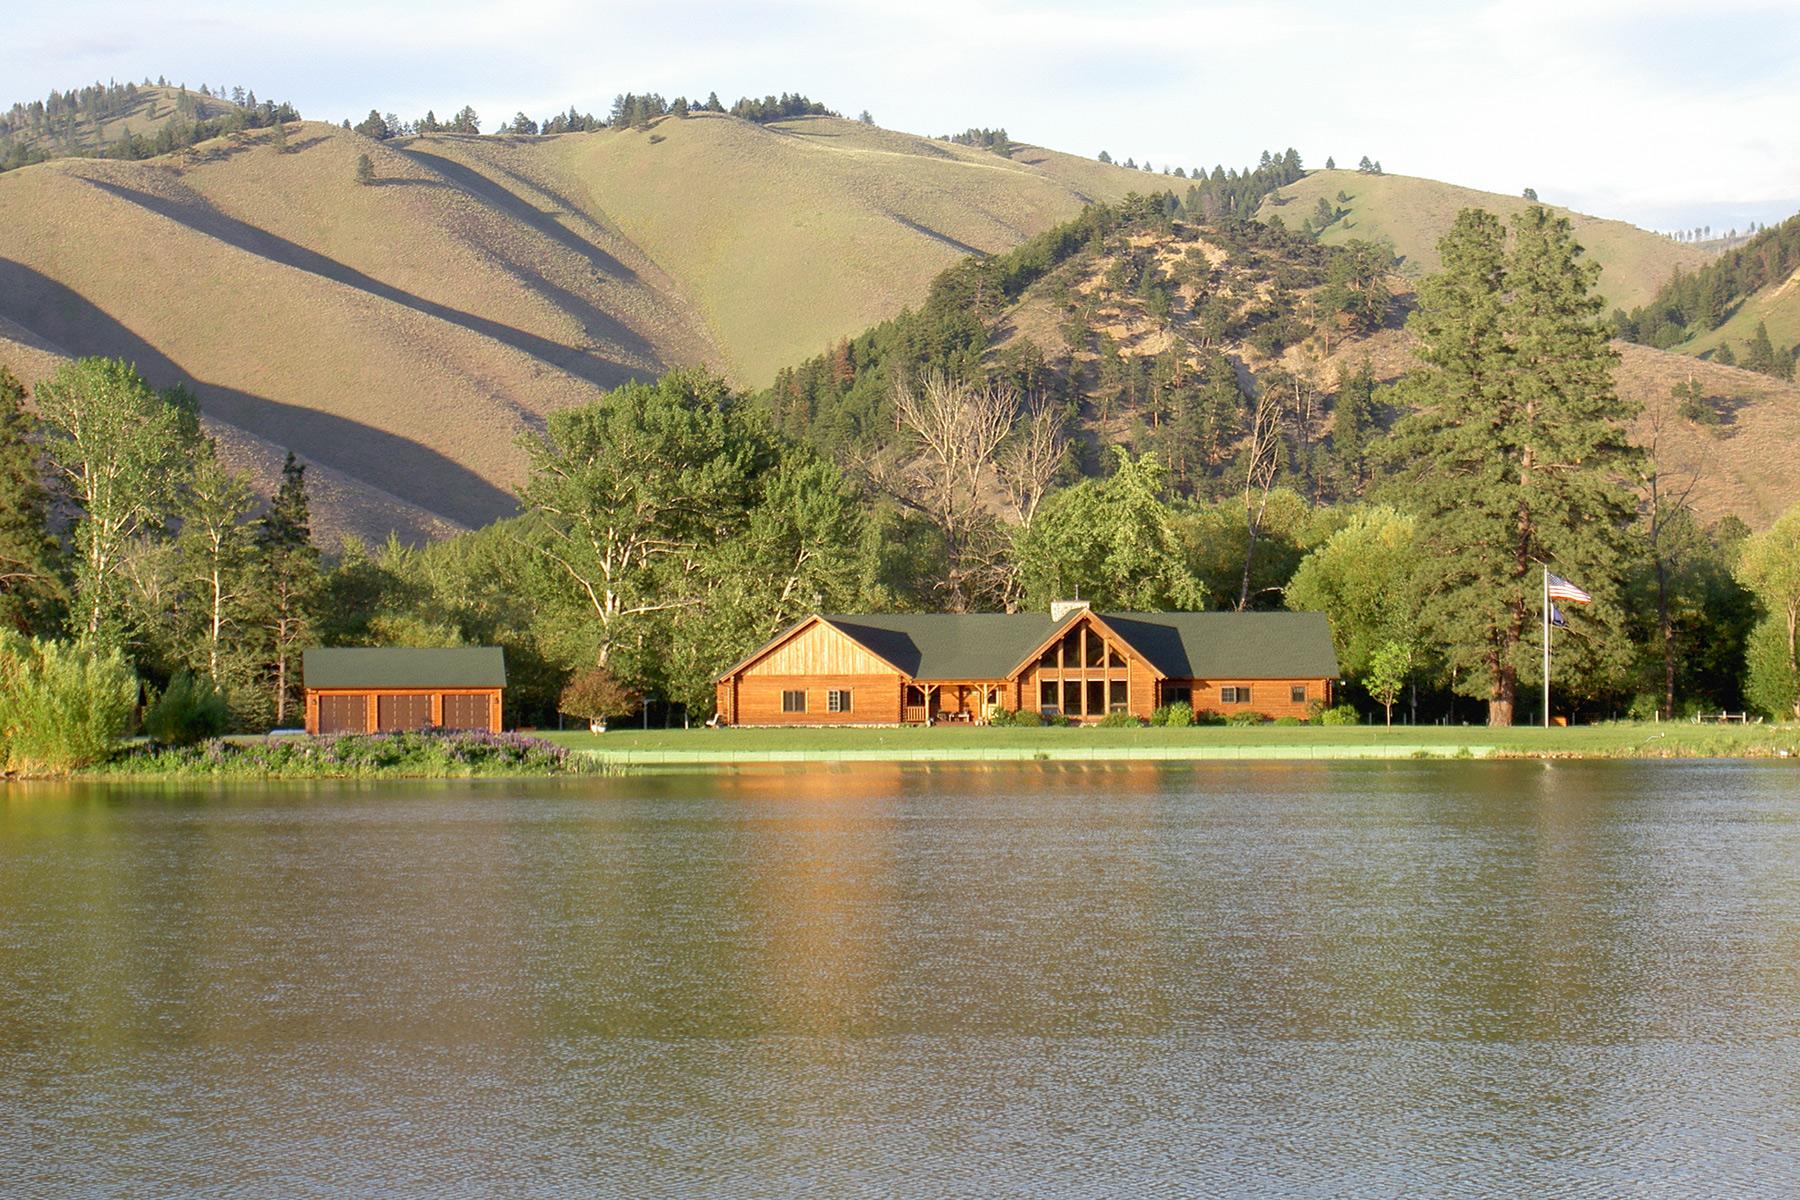 Einfamilienhaus für Verkauf beim 3054 Old Darby Road 3054 Old Darby Road Darby, Montana, 59829 Vereinigte Staaten